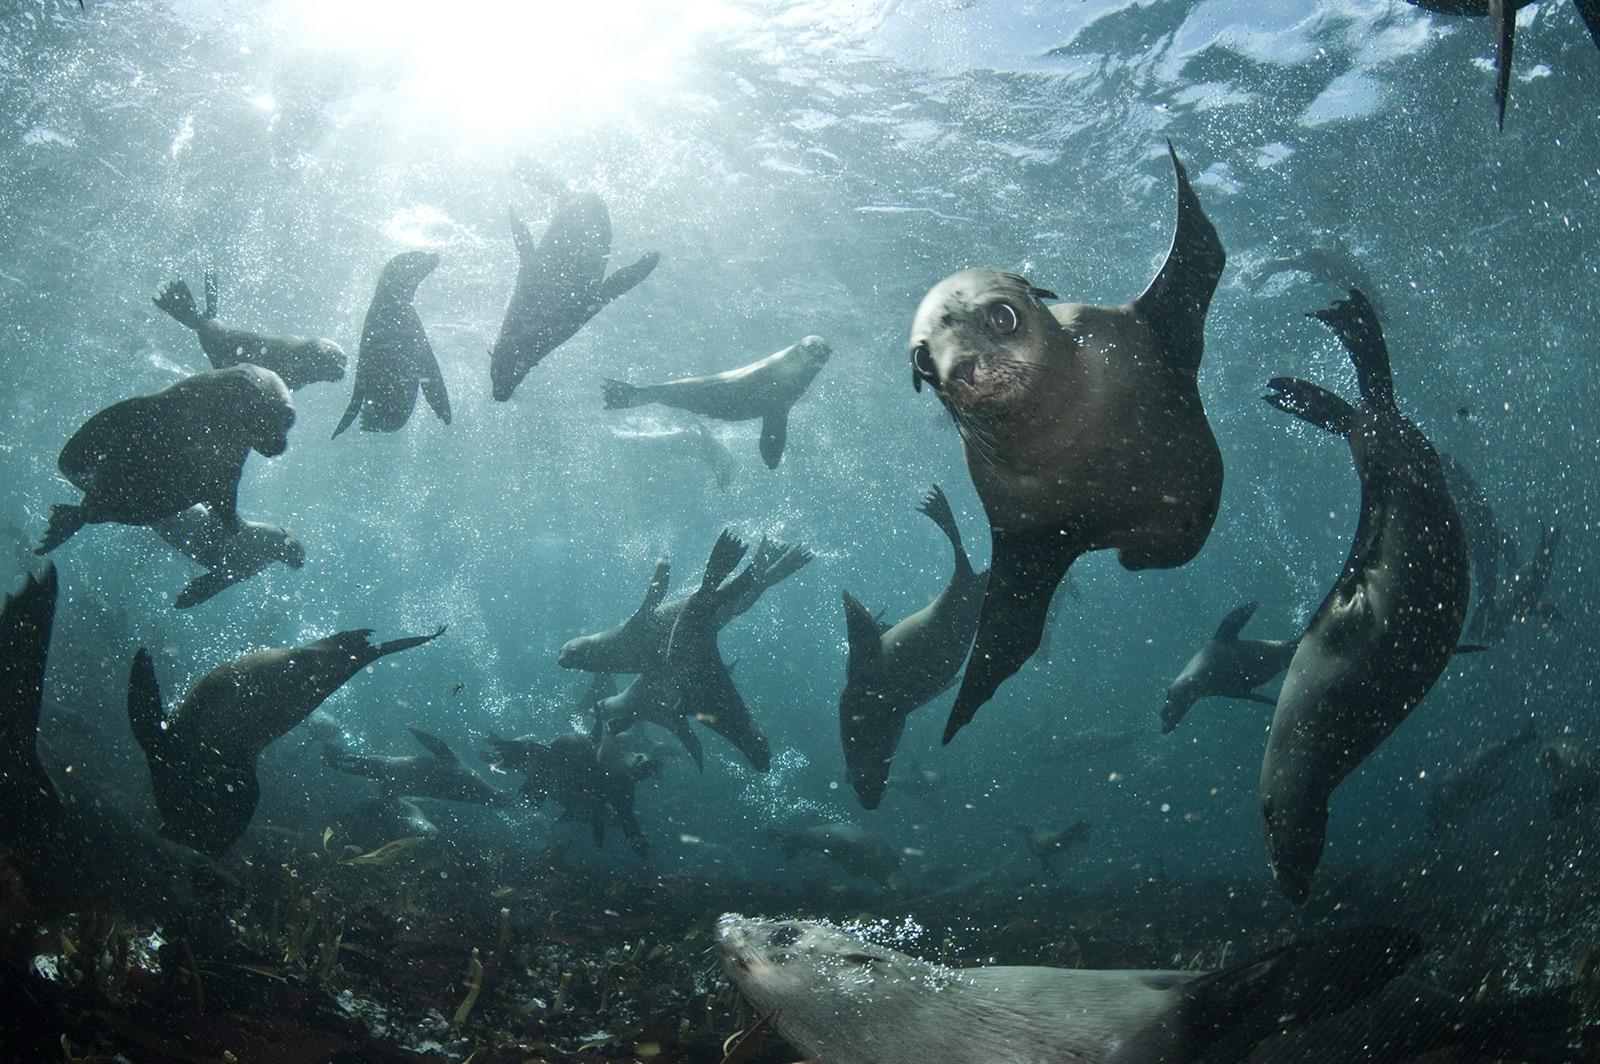 Atlantic-Circus-seal-snorkeling